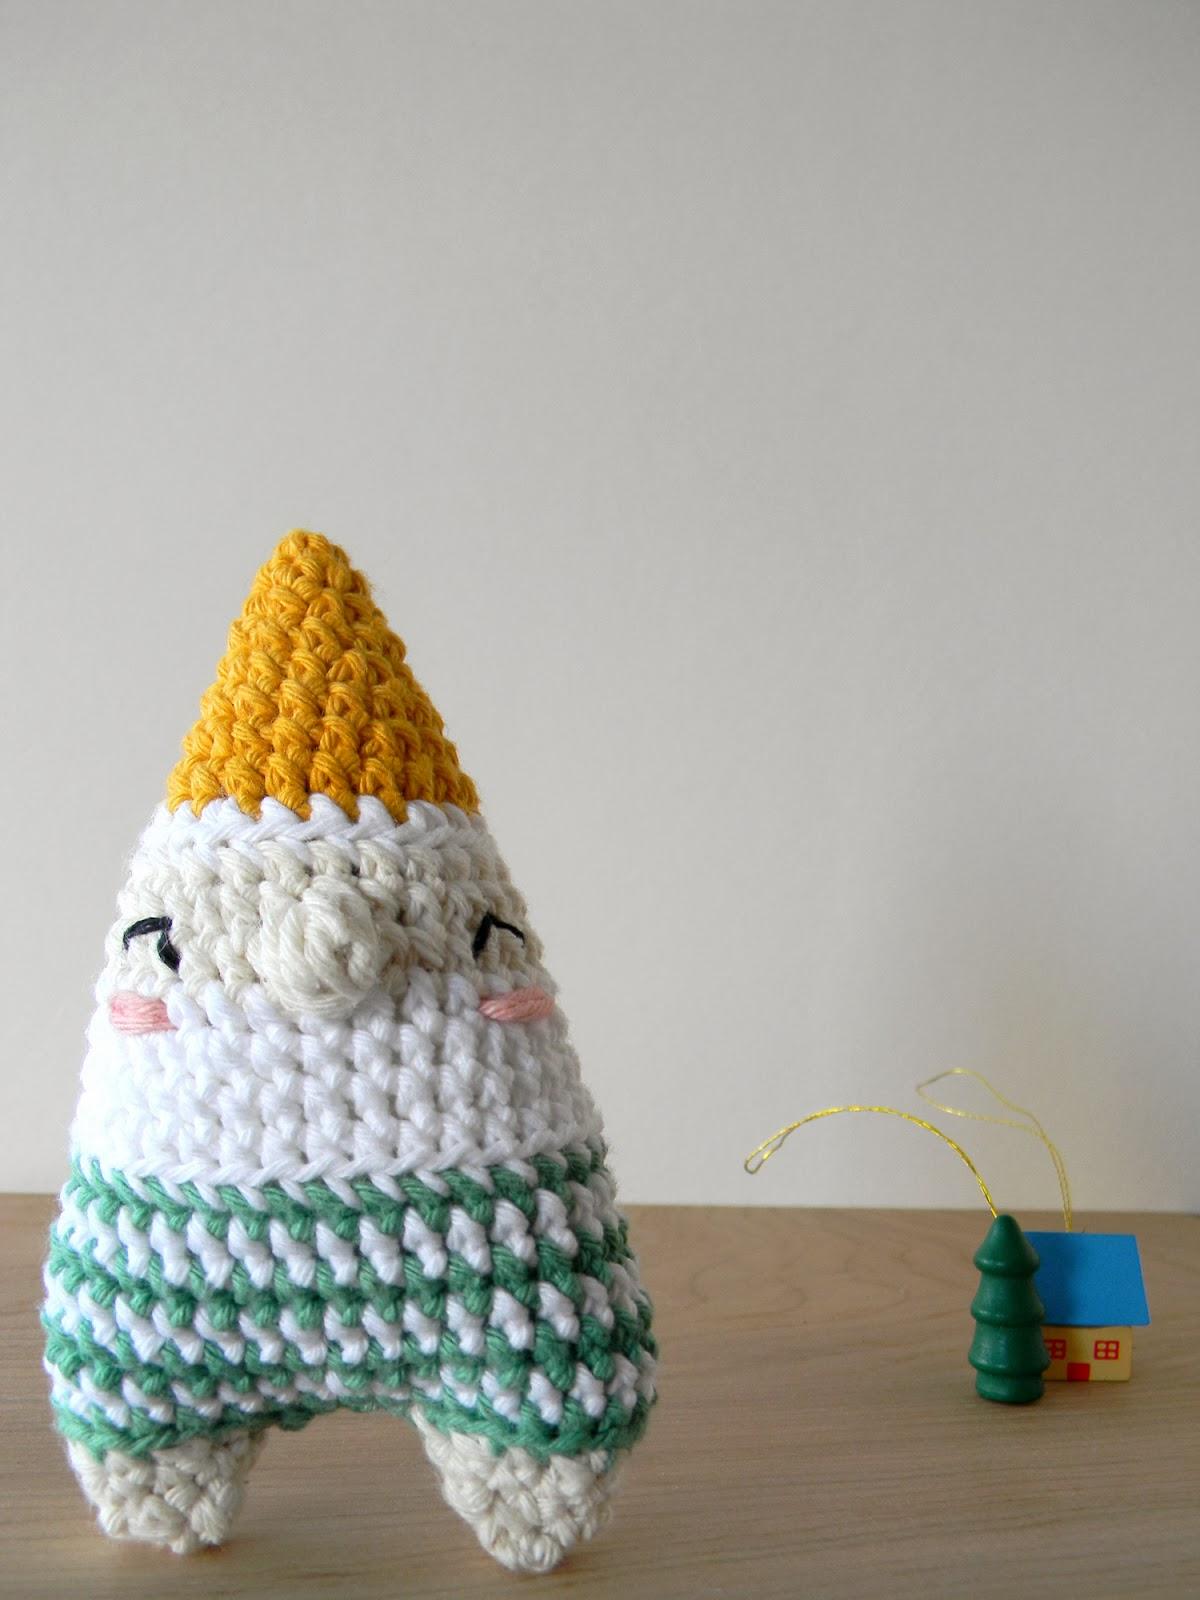 regalo navideño: mini gnomito